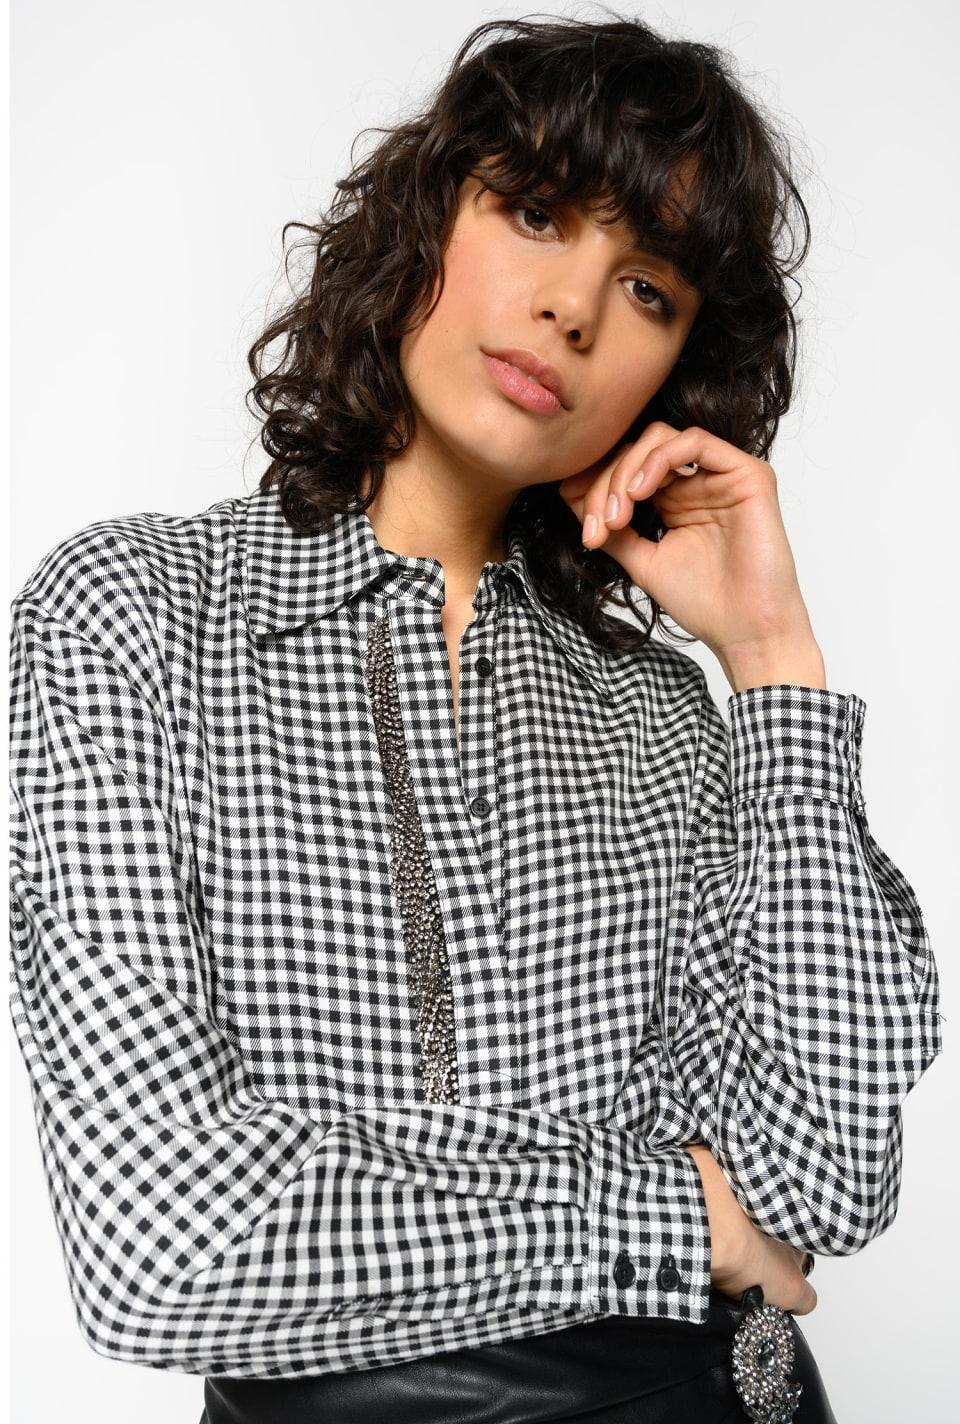 ラインストーンのフランジ付きシャツ